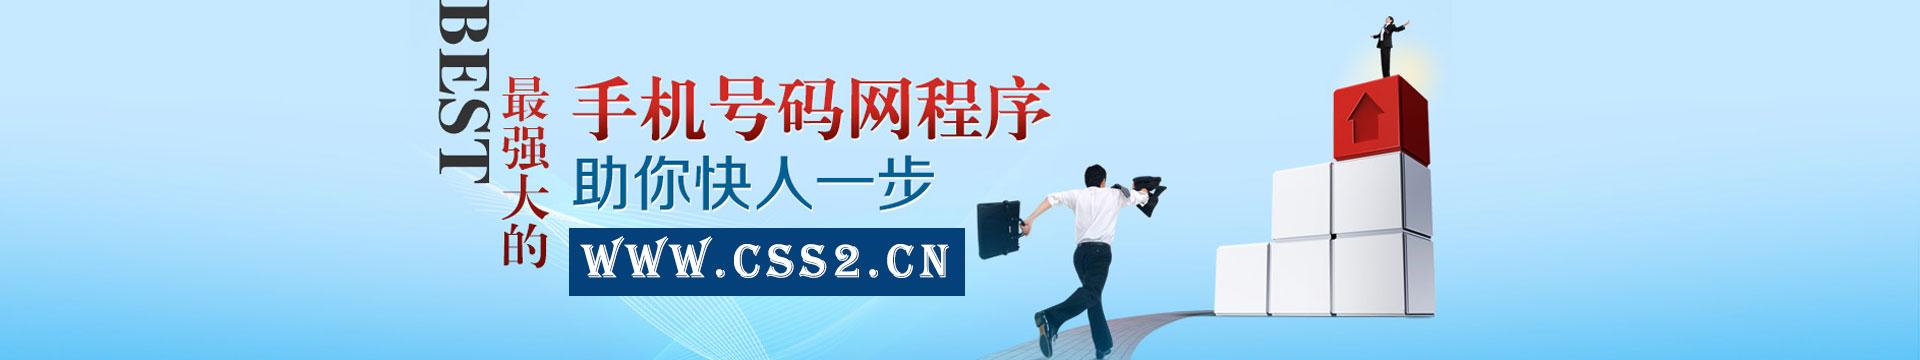 手机号码网建站程序